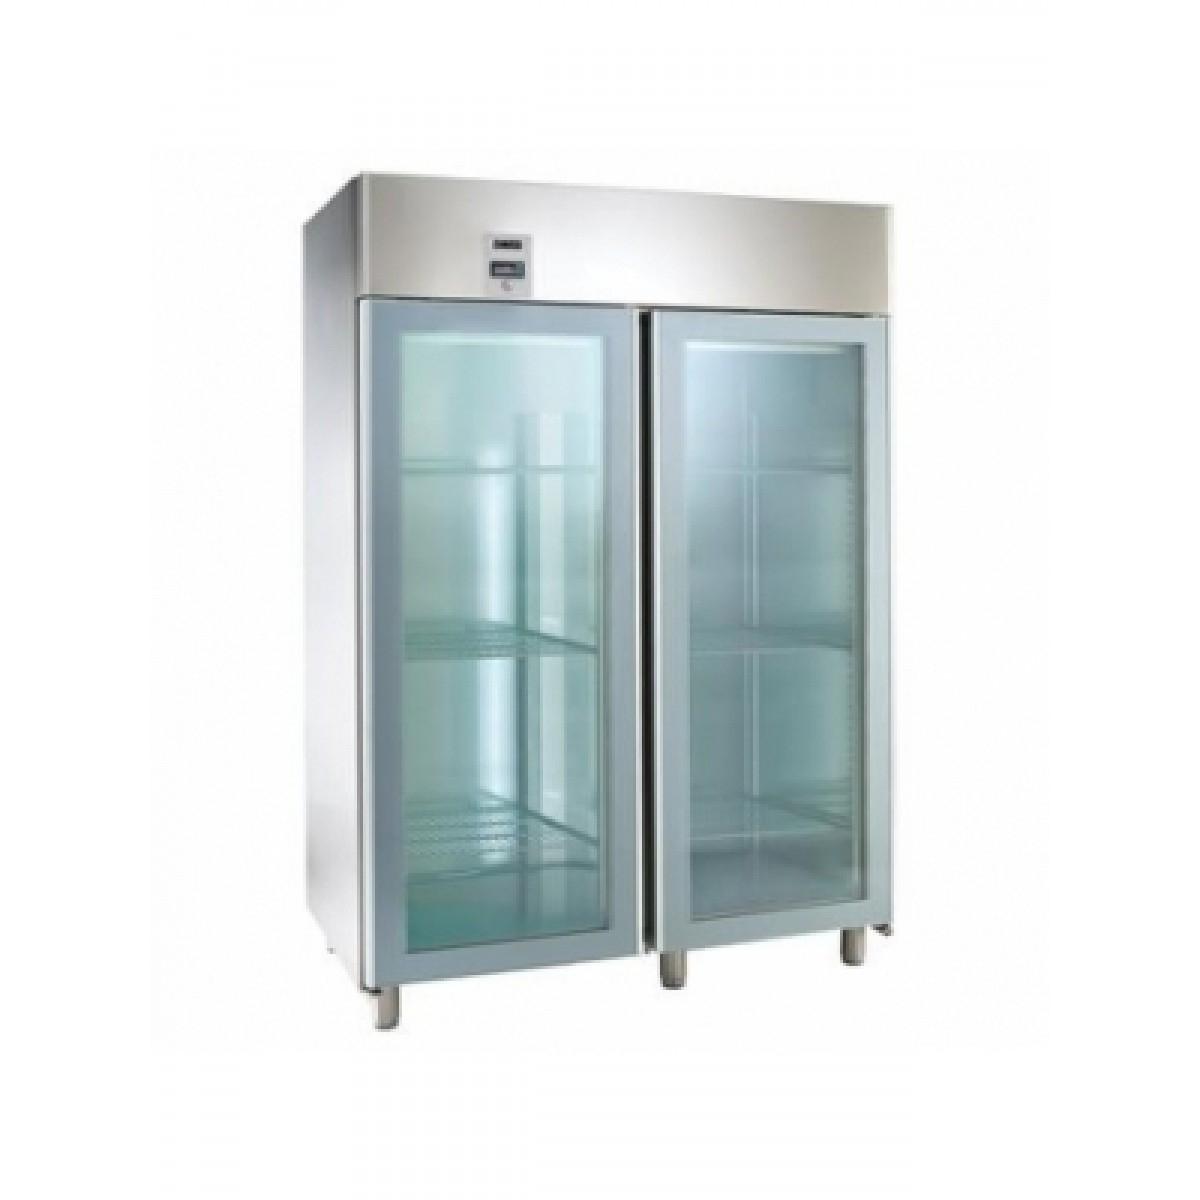 Fritstående køleskab med glasdør dobbelt låge